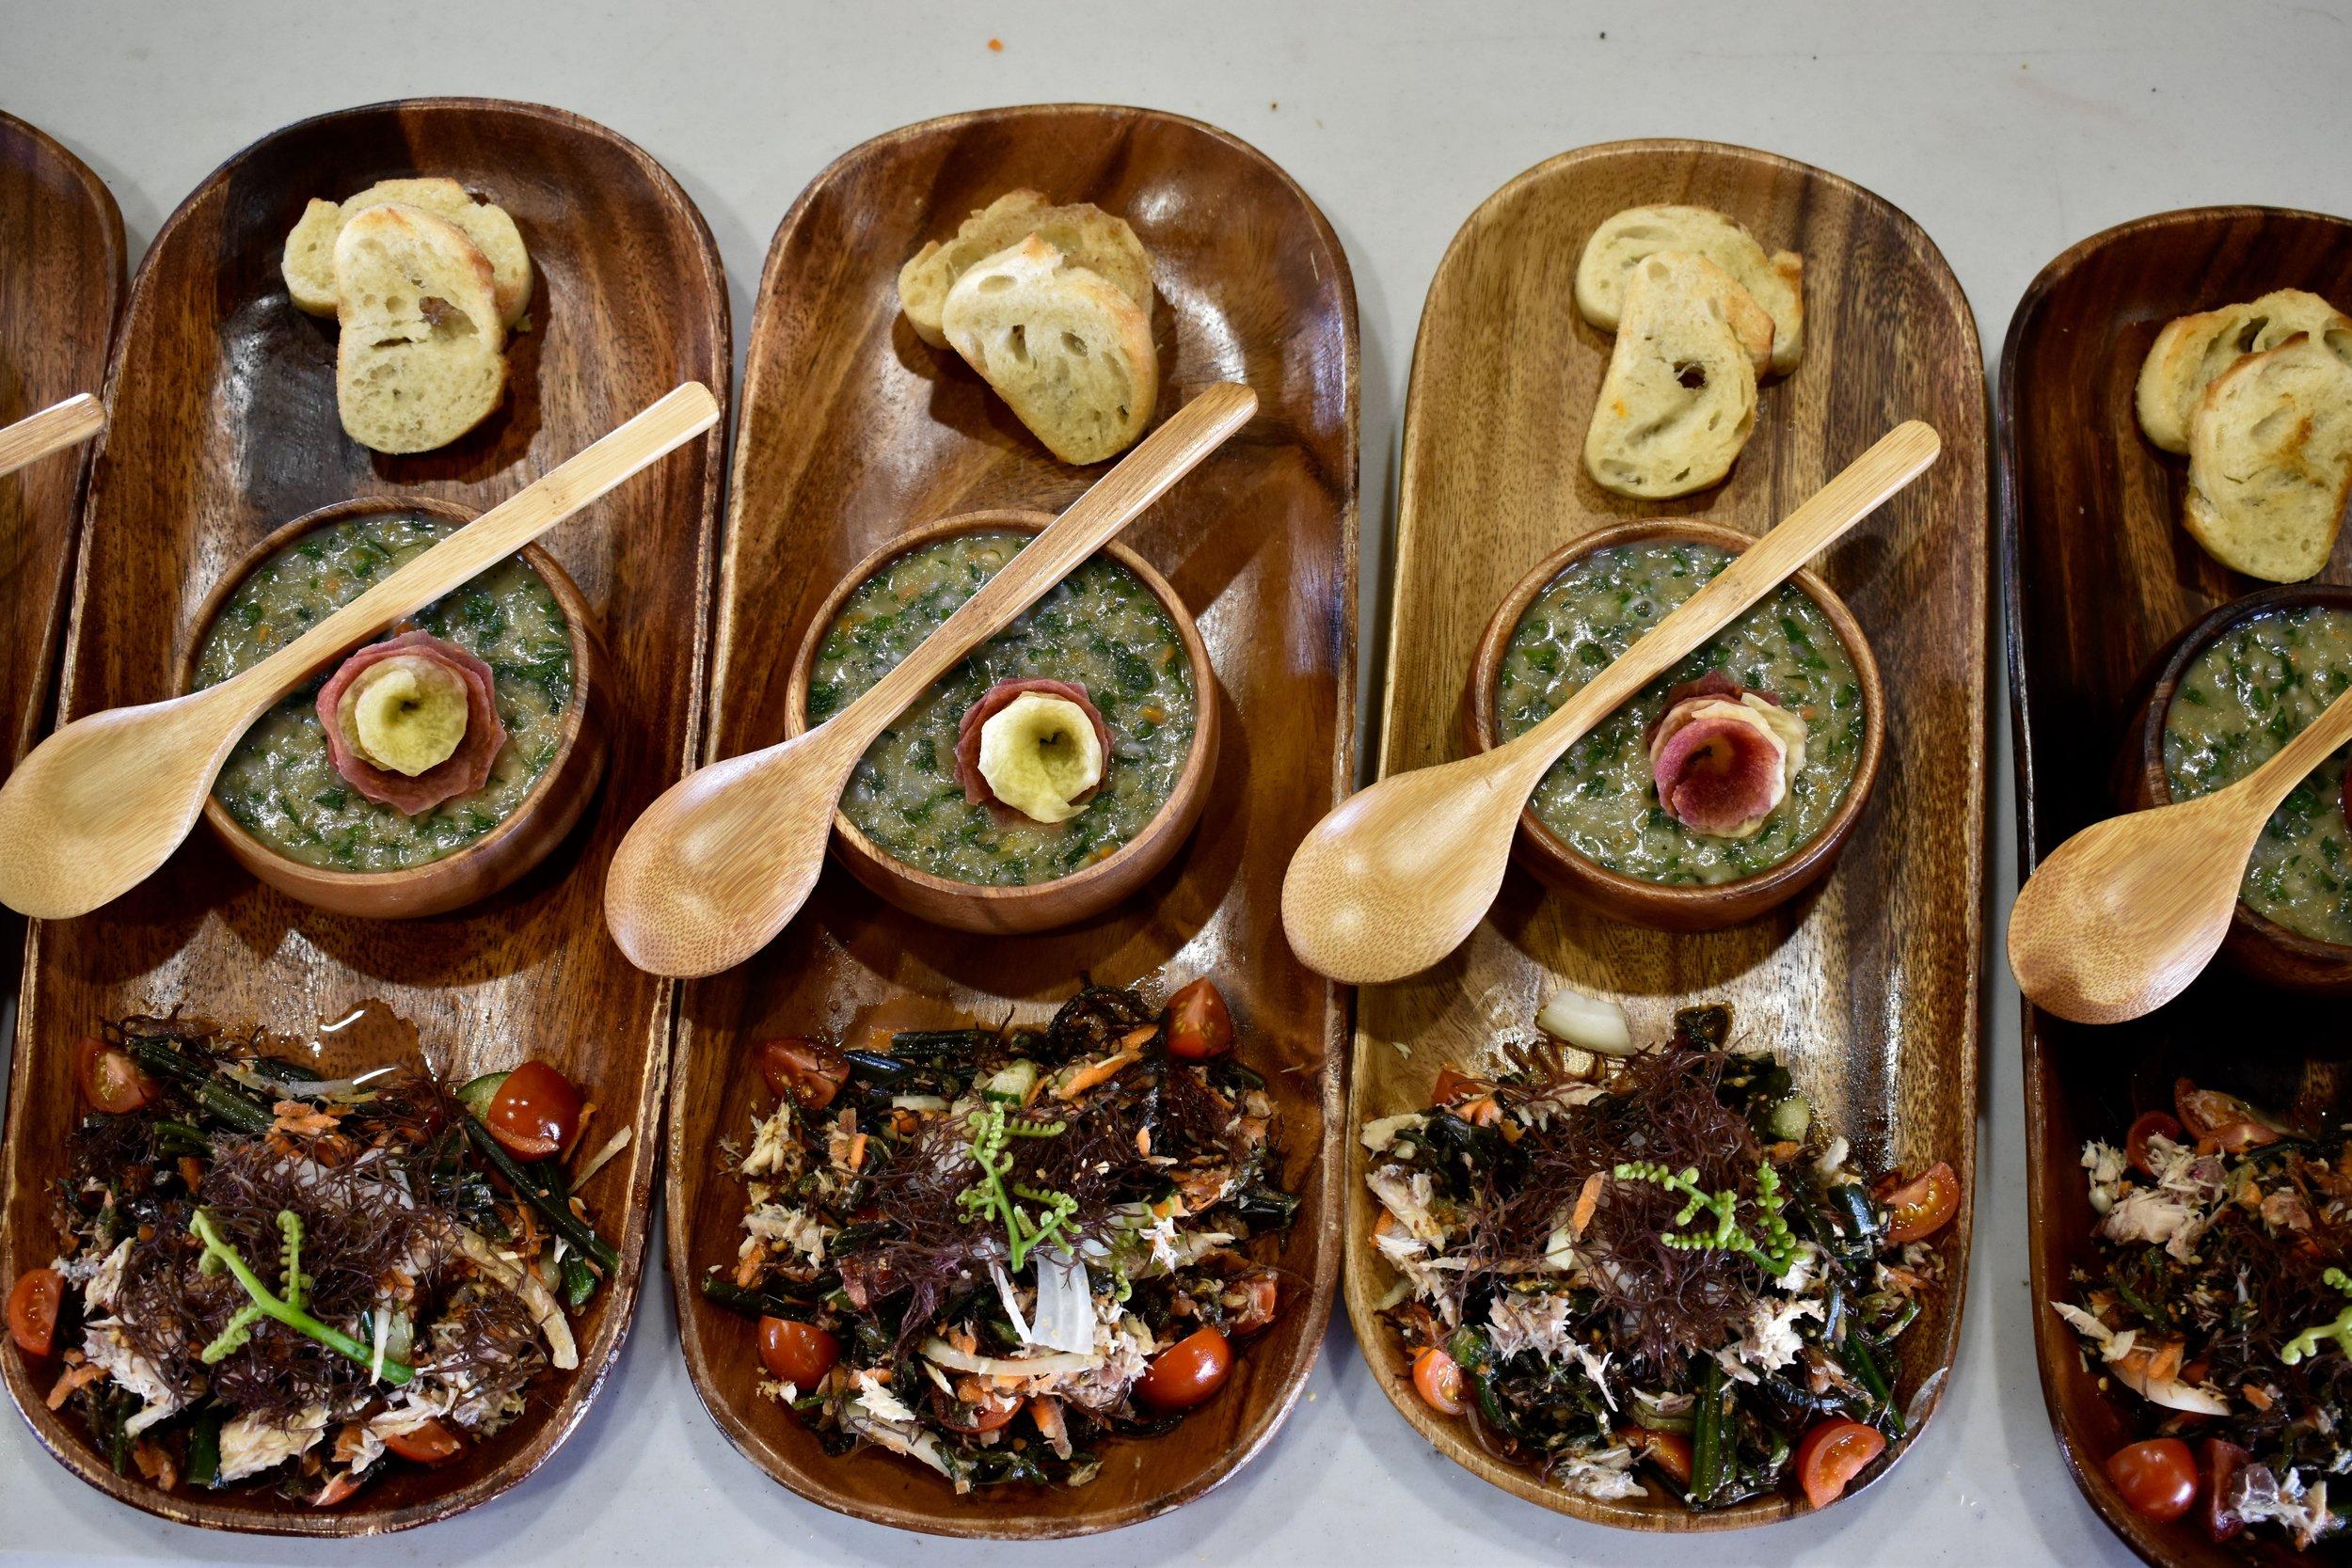 Mackerel and Kako'o 'Oiwi Ho'i'o Salad - With Kalo Coconut Bisque